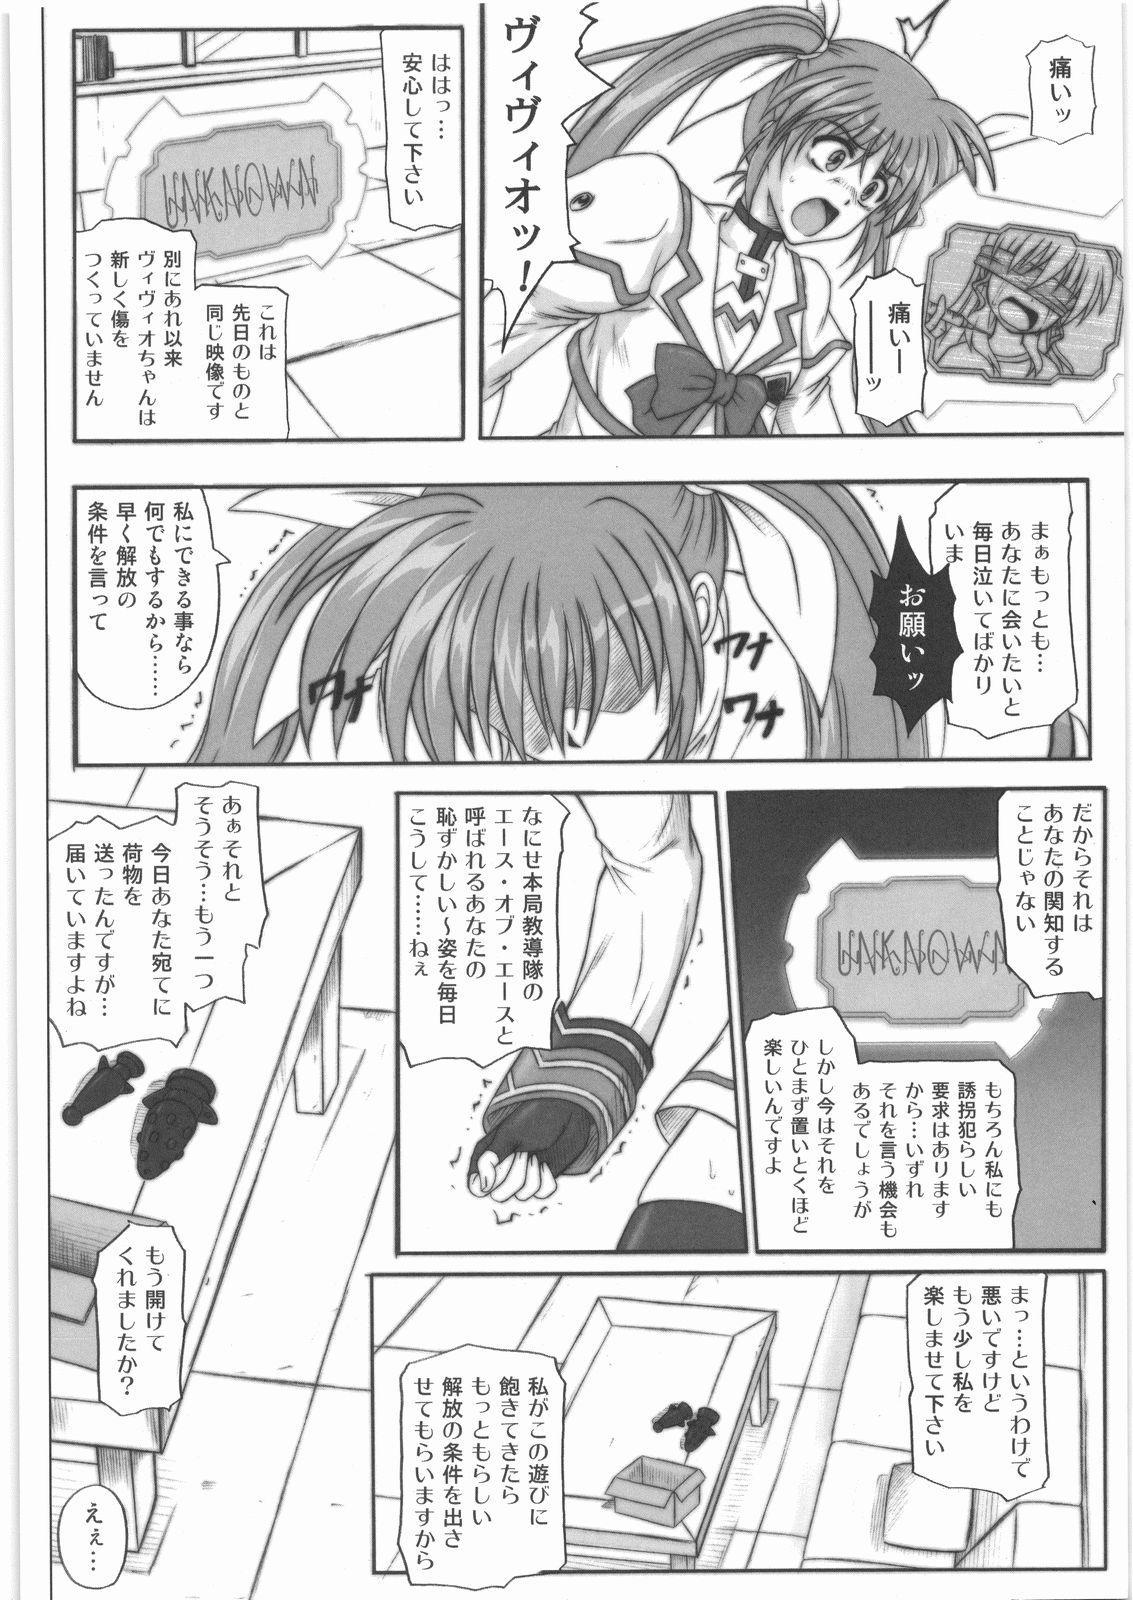 1001 Kyoudoukan Soushuuhen 10